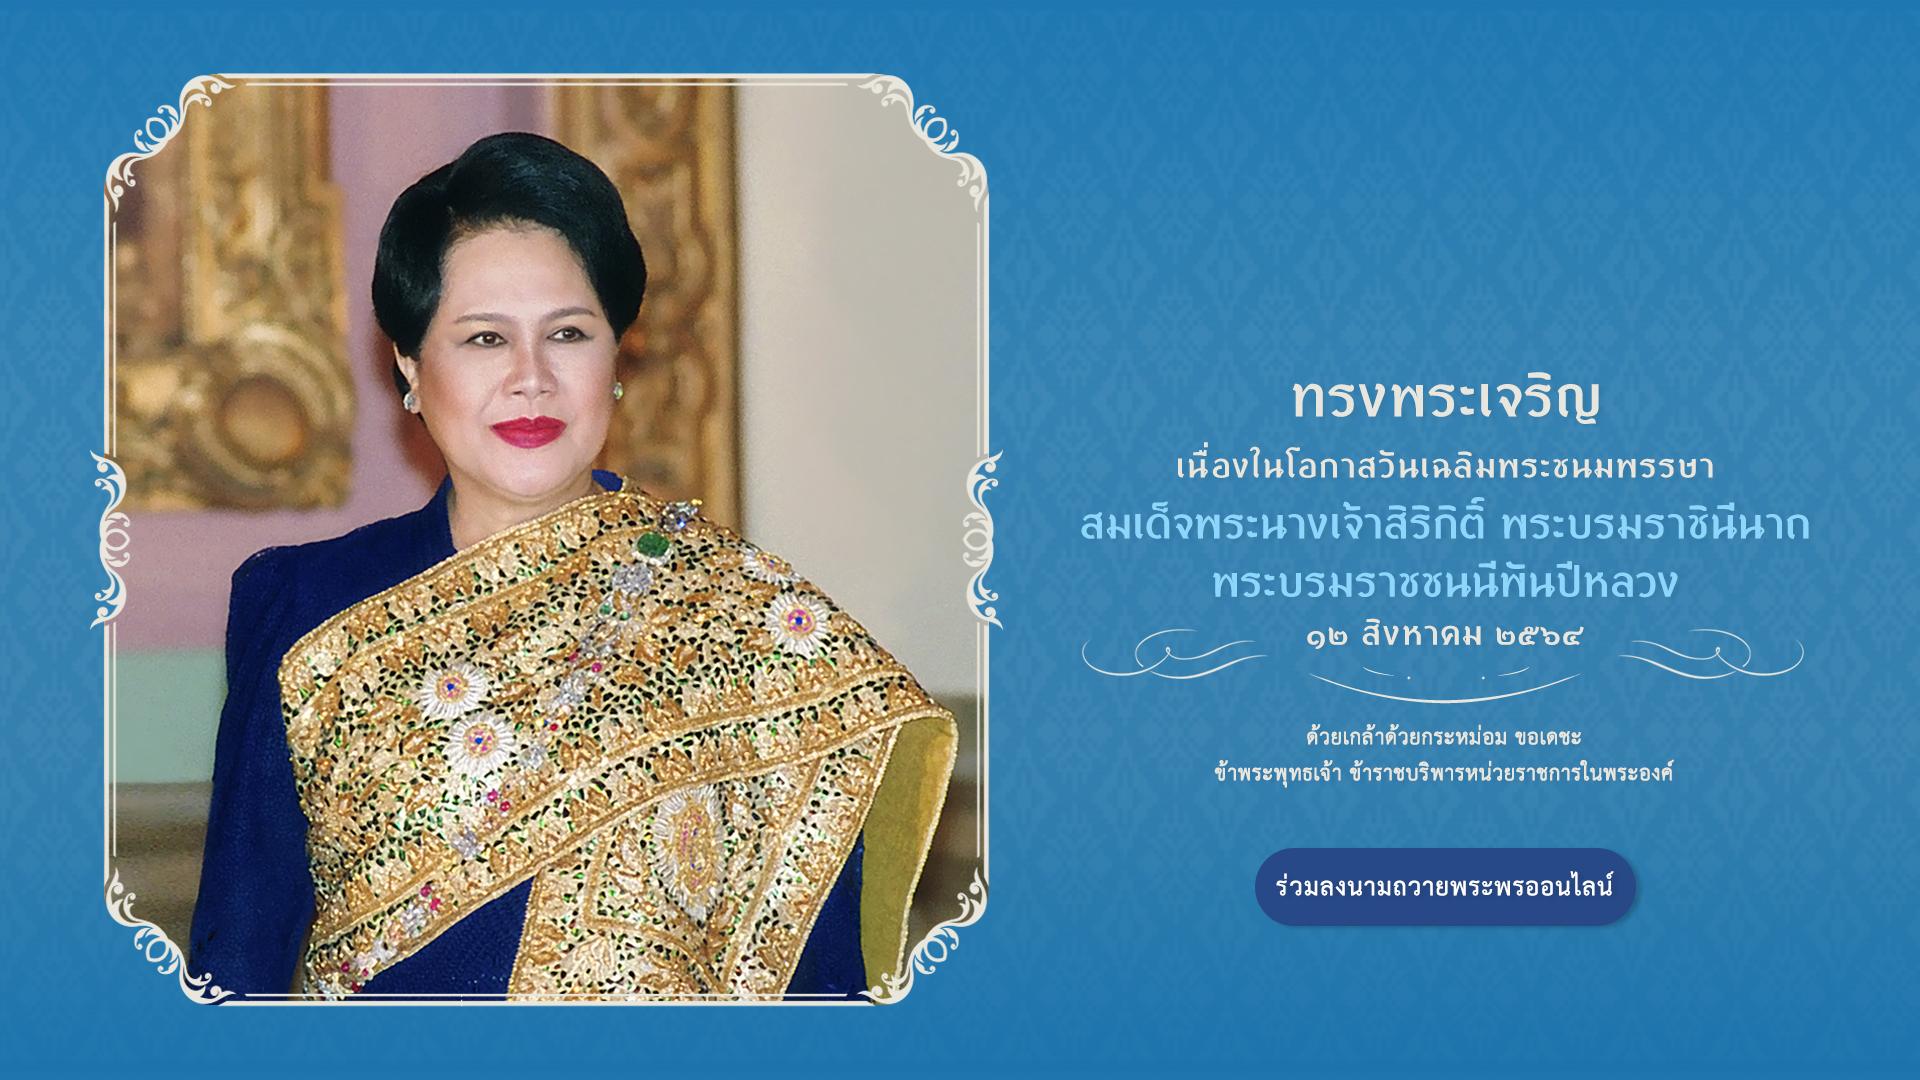 ลงนามถวายพระพรออนไลน์ 12 สิงหาคม 2564 สำนักพระราชวัง